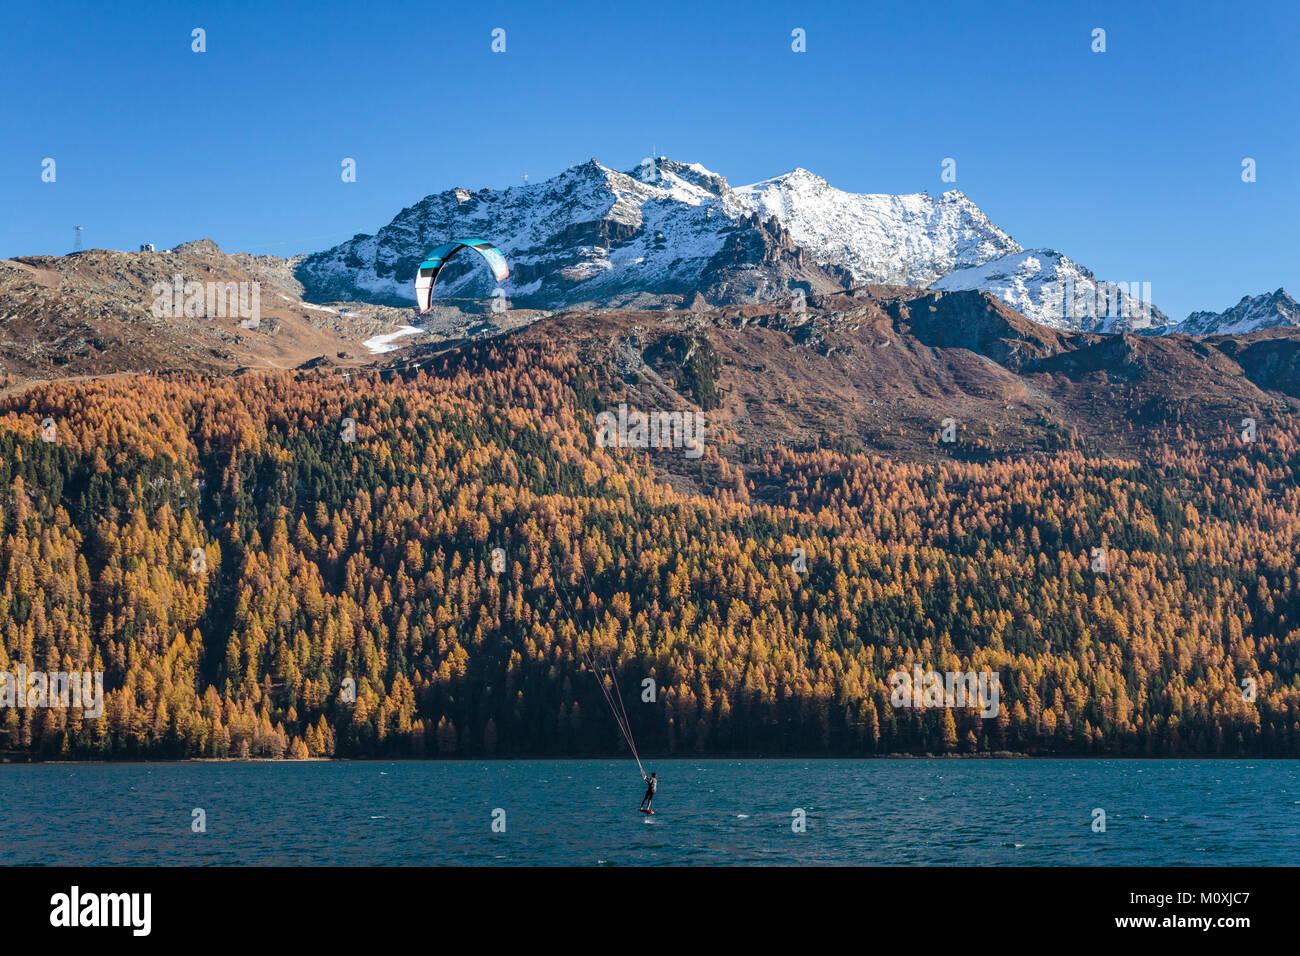 La planche à voile sur le lac de Silvaplana avec feuillage automne couleur dans les mélèzes dans Photo Stock